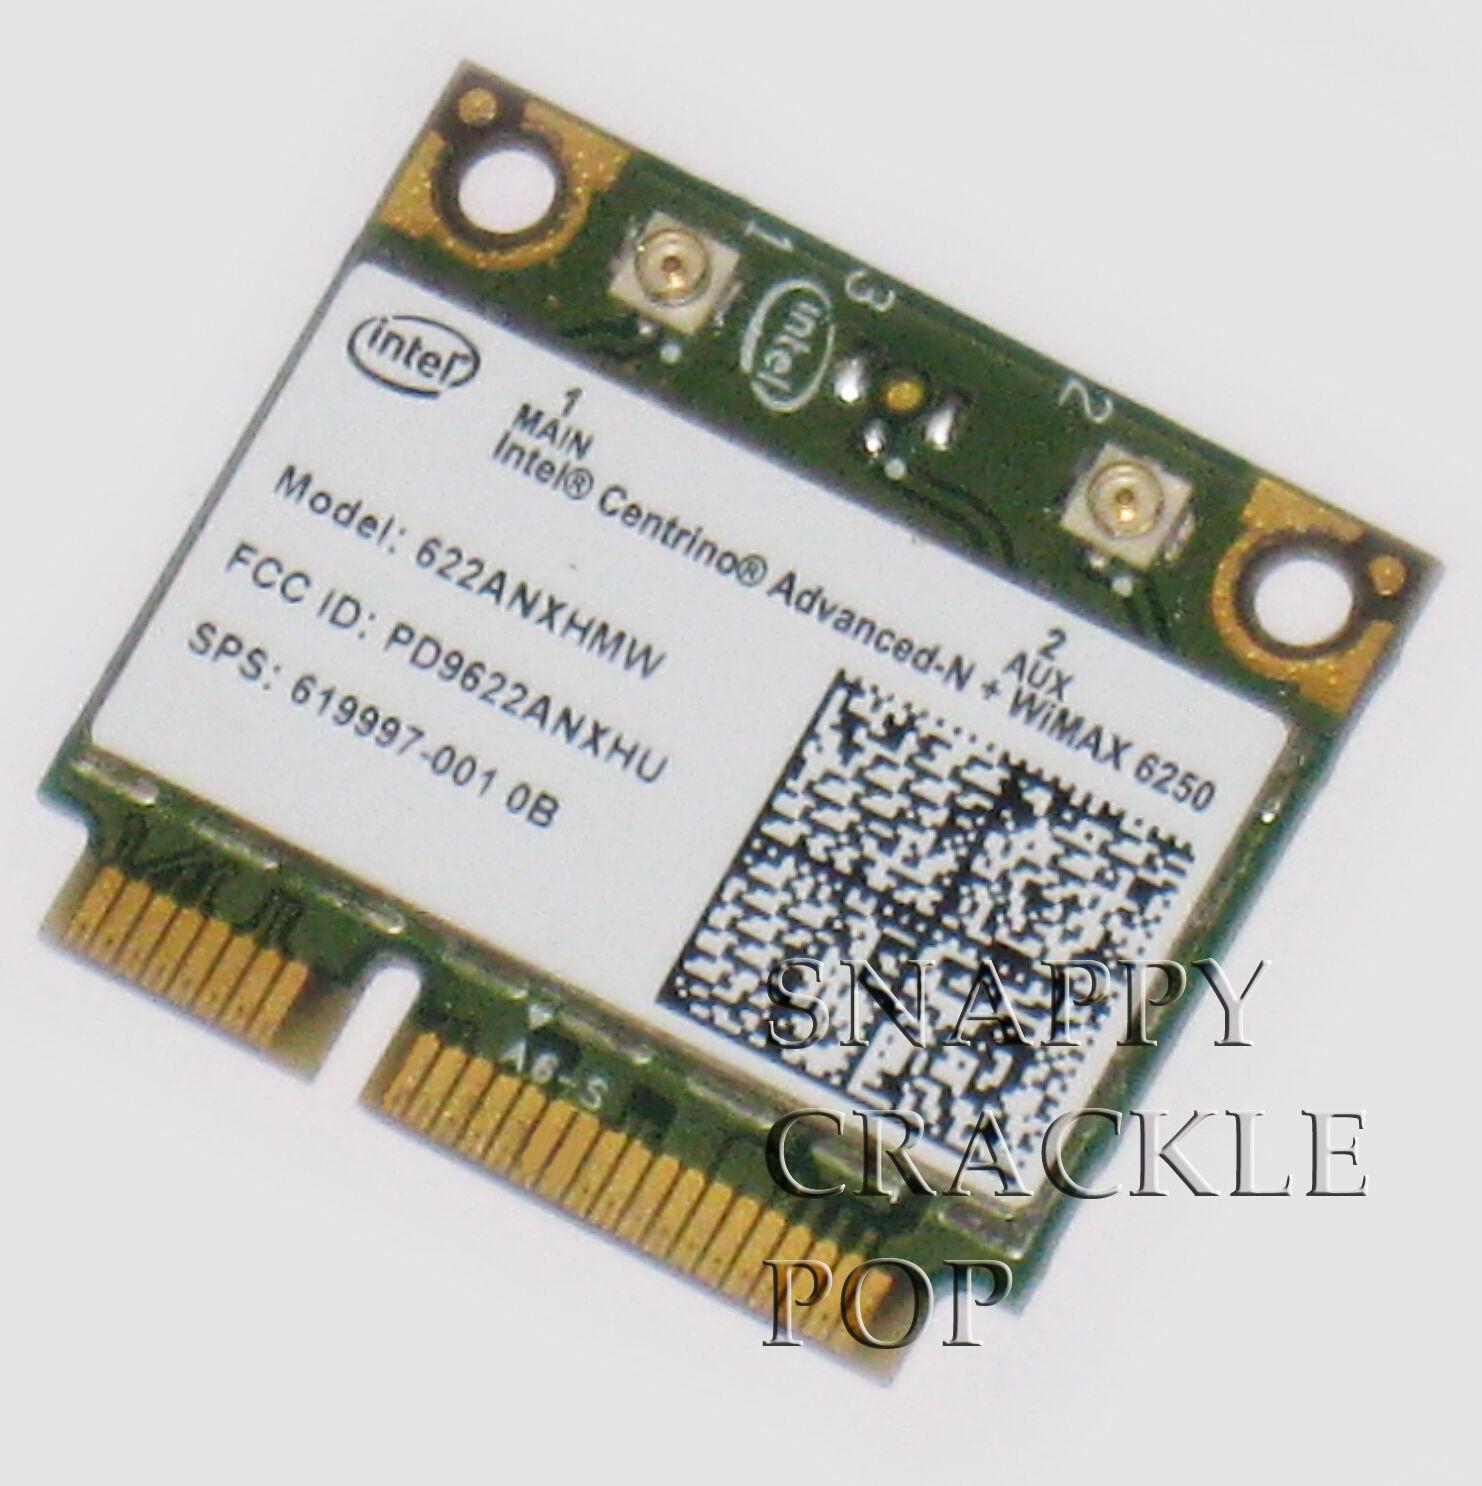 HP Pavilion Envy Intel 6250 Wireless N Wimax Card DM4-11 DM4T-1100 14T-1200